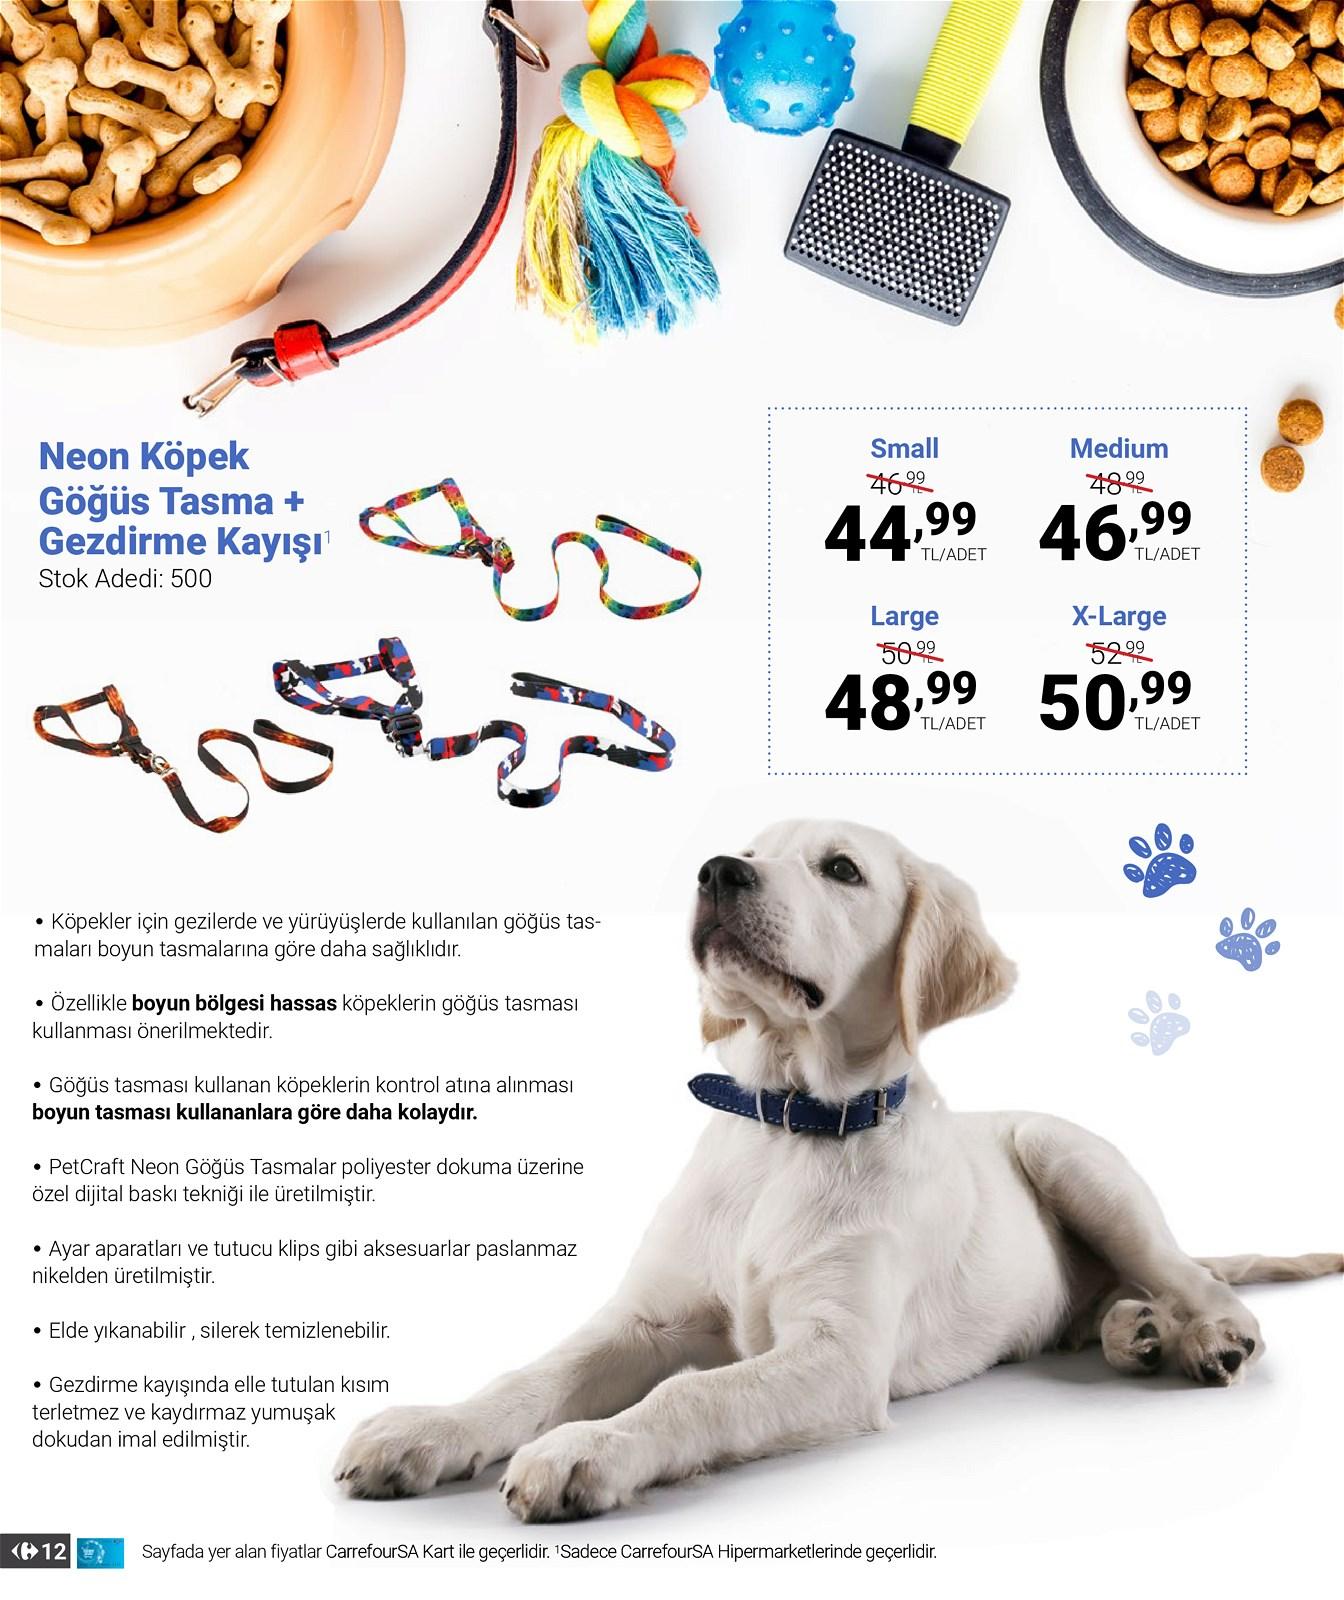 01.04.2021 CarrefourSA broşürü 12. sayfa